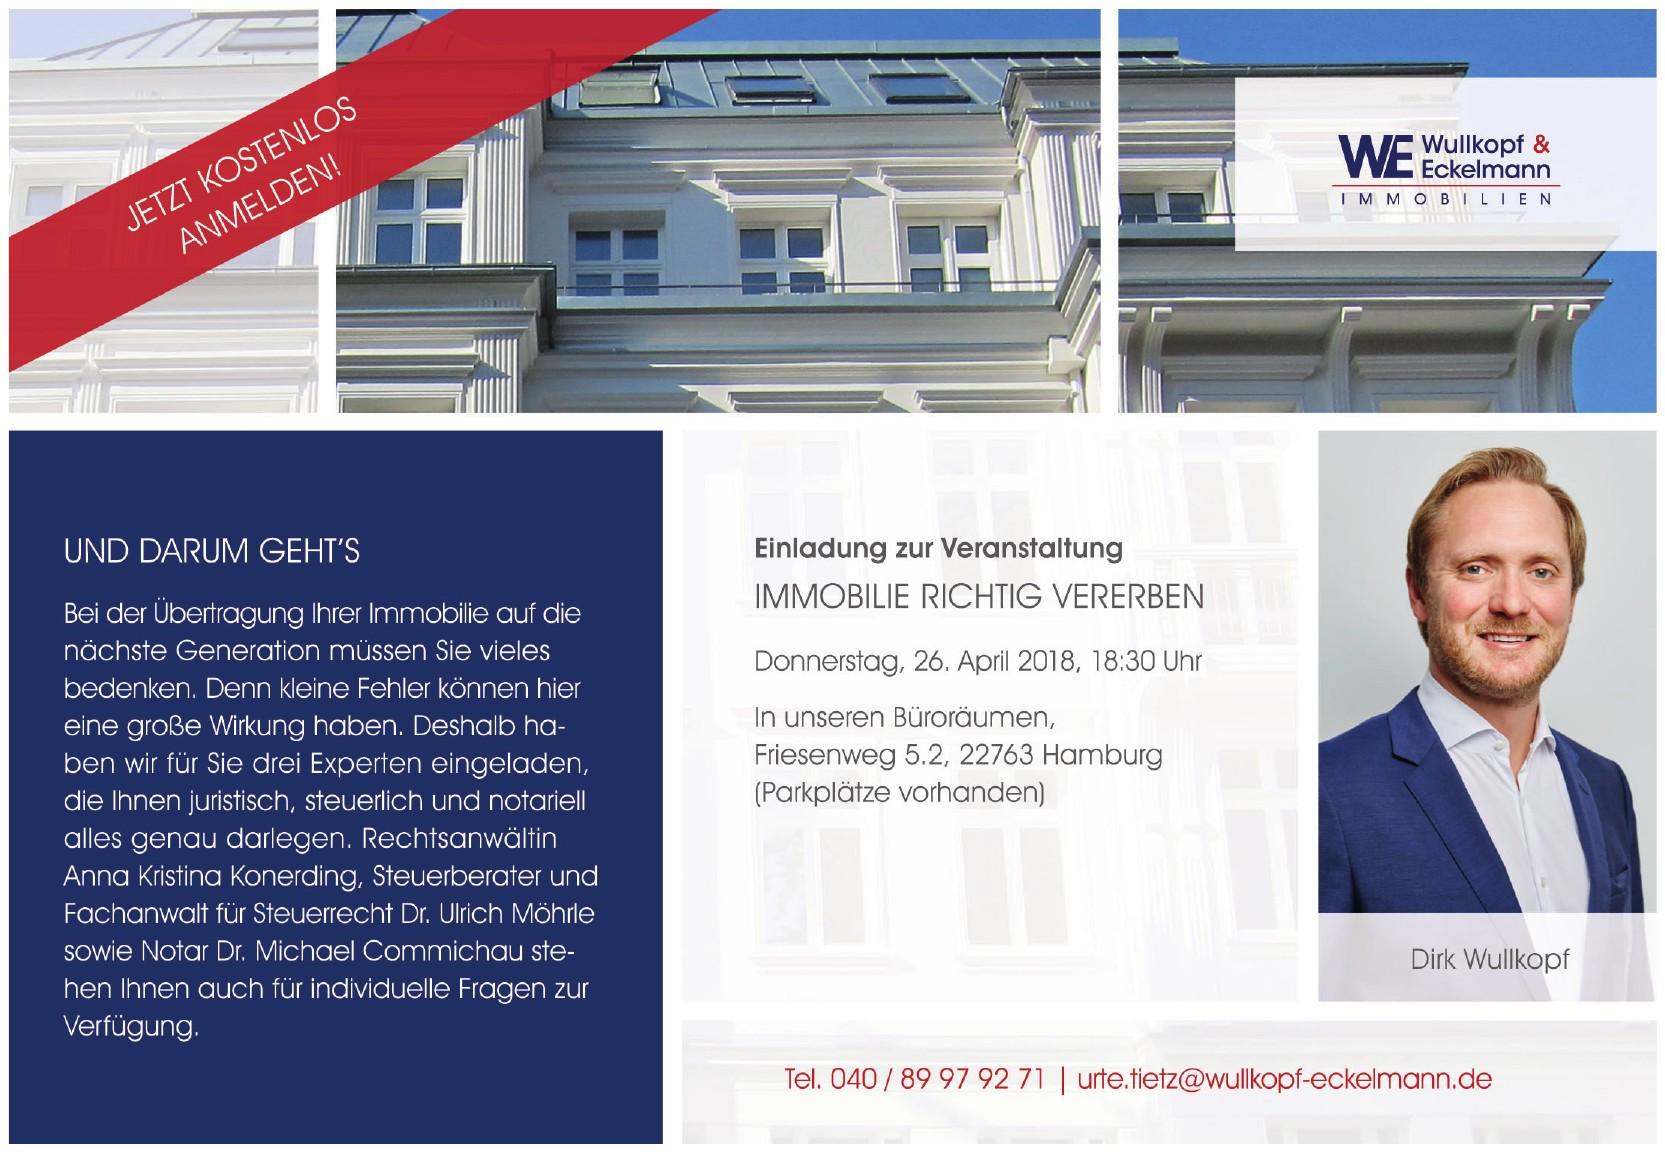 WE Wullkopf & Eckelmann - Immobilien